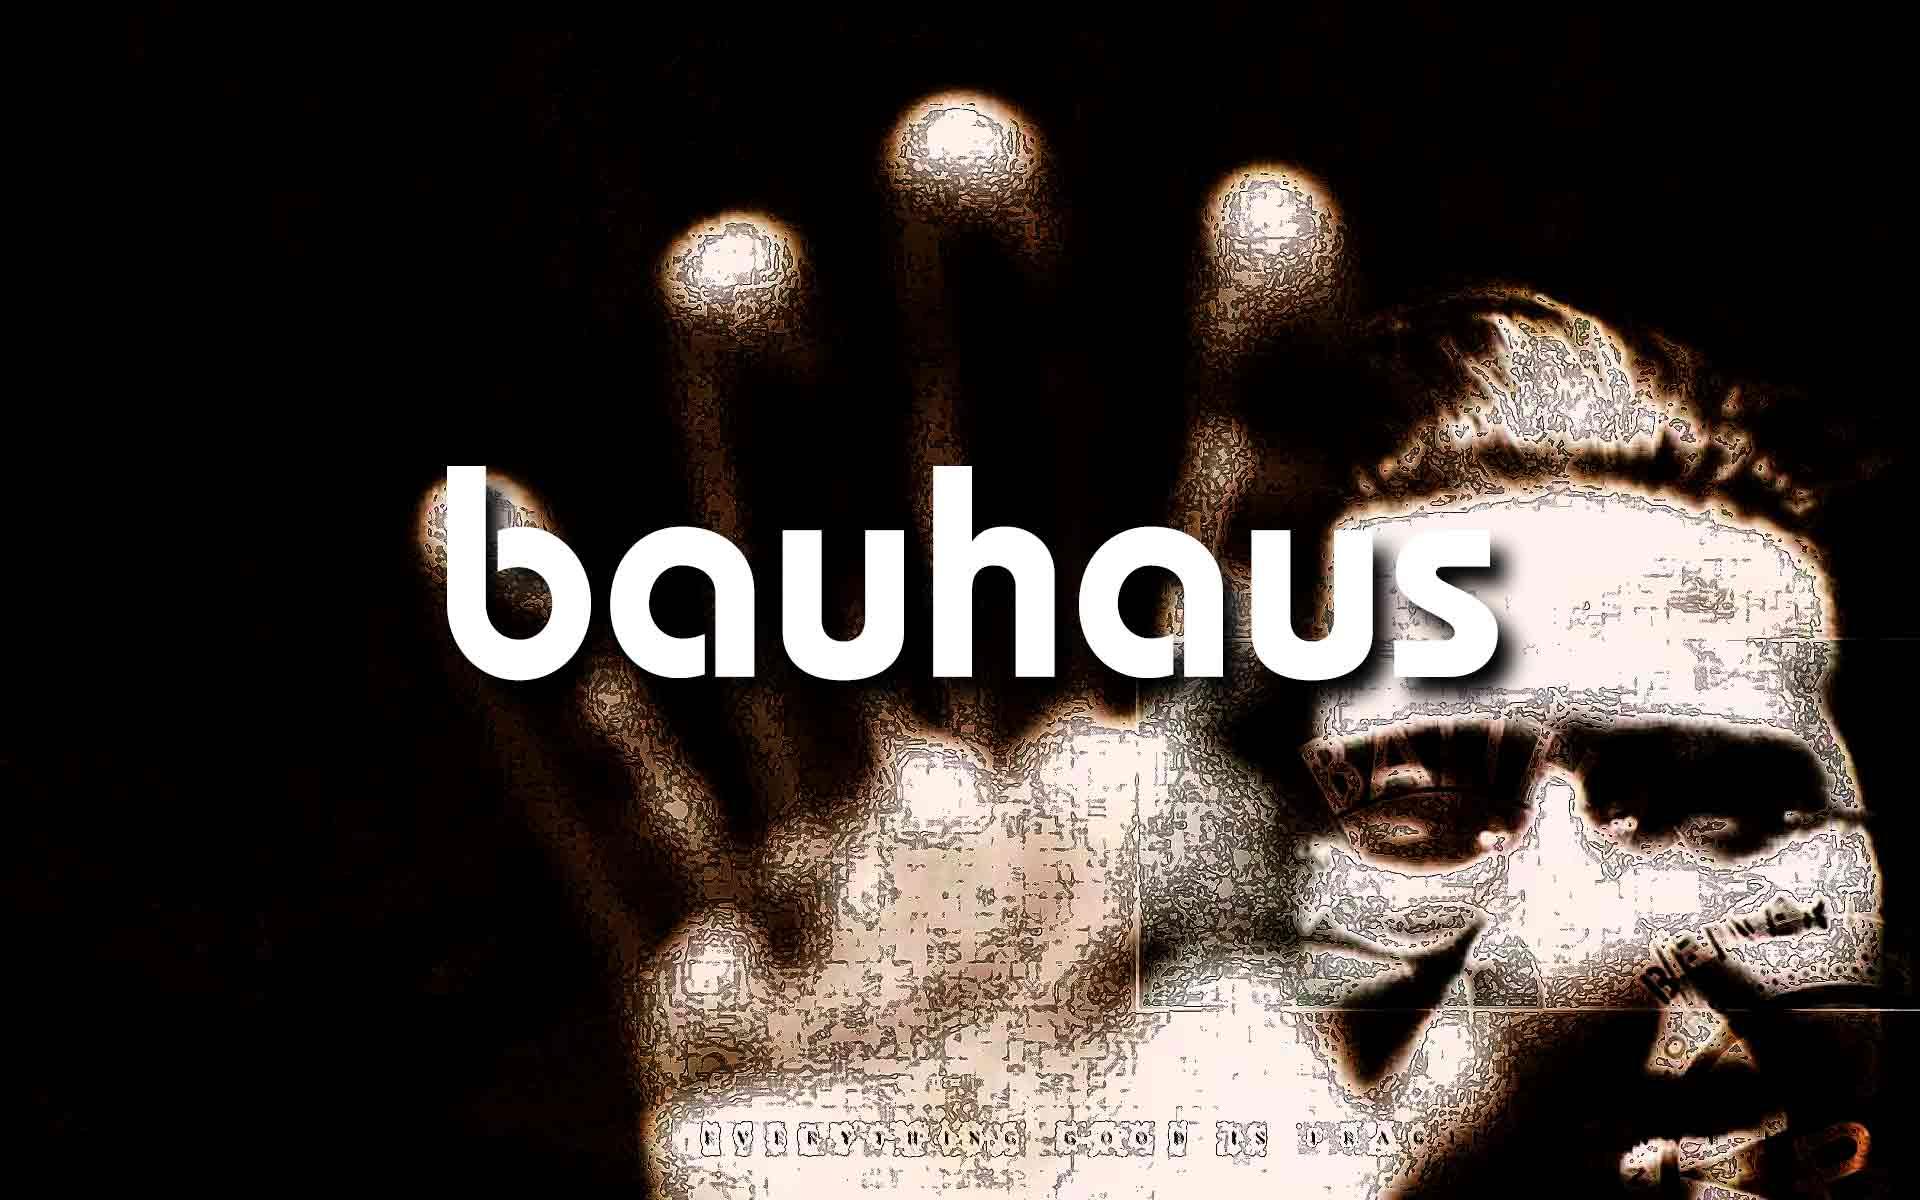 Ein Vortrag von Wolfgang Beinert am Samstag, 19.9.2009 auf dem 24. Forum Typografie »bauhaus hoch n« an der Bauhaus-Universität Weimar über den Mythos Bauhaus, seine typographischen Missverständnisse und die deutsche Mentalität, katholischer als der Papst zu sein. Ein Plädoyer für die Angelsächsische Typographie.